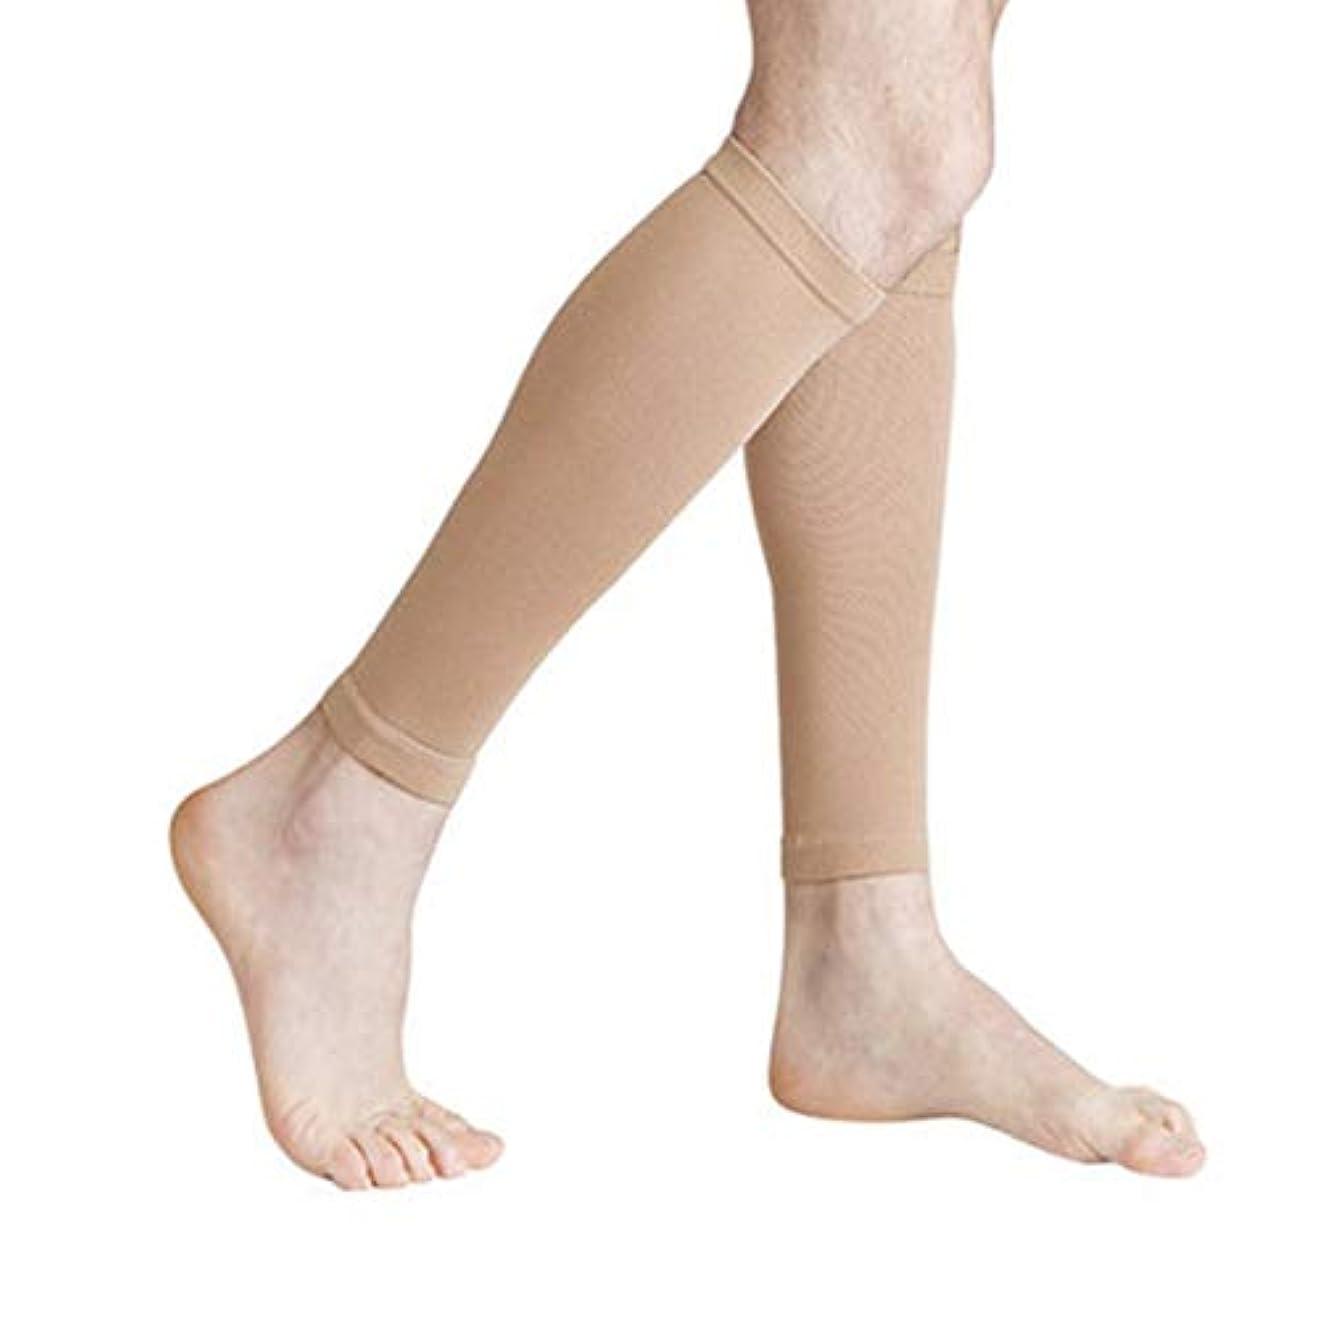 教えて繁雑それ丈夫な男性女性プロの圧縮靴下通気性のある旅行活動看護師用シントスプリントフライトトラベル - 肌色